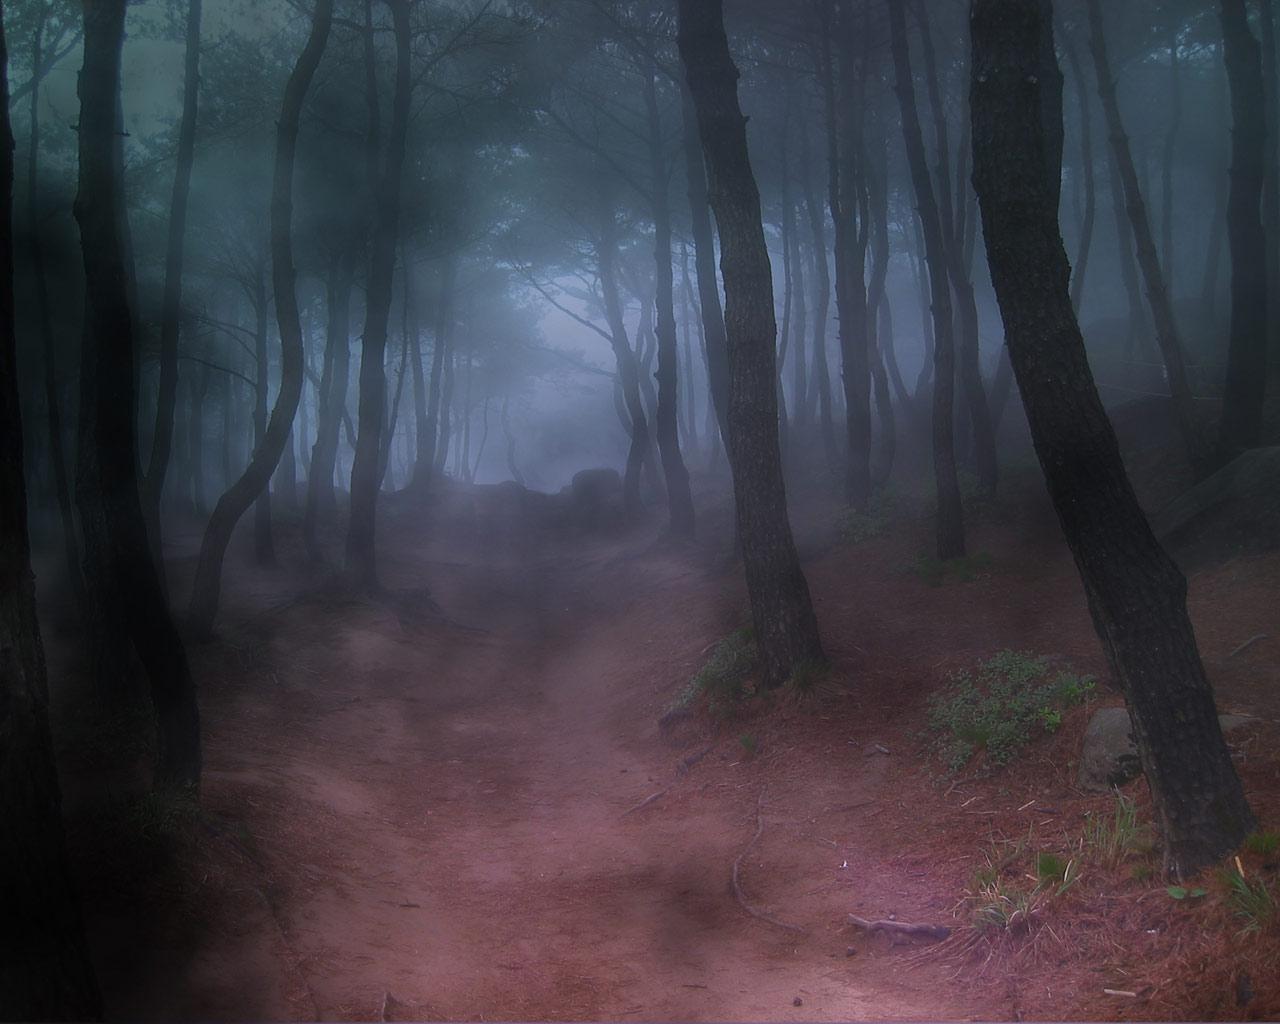 http://4.bp.blogspot.com/-EqYvTHKl-_Q/TrJM8IDI92I/AAAAAAAACcU/CrJnsrJo5sk/s1600/Forest-Fog-Bryce-5.5-1-LJRUK1GIQE-1280x1024.jpg